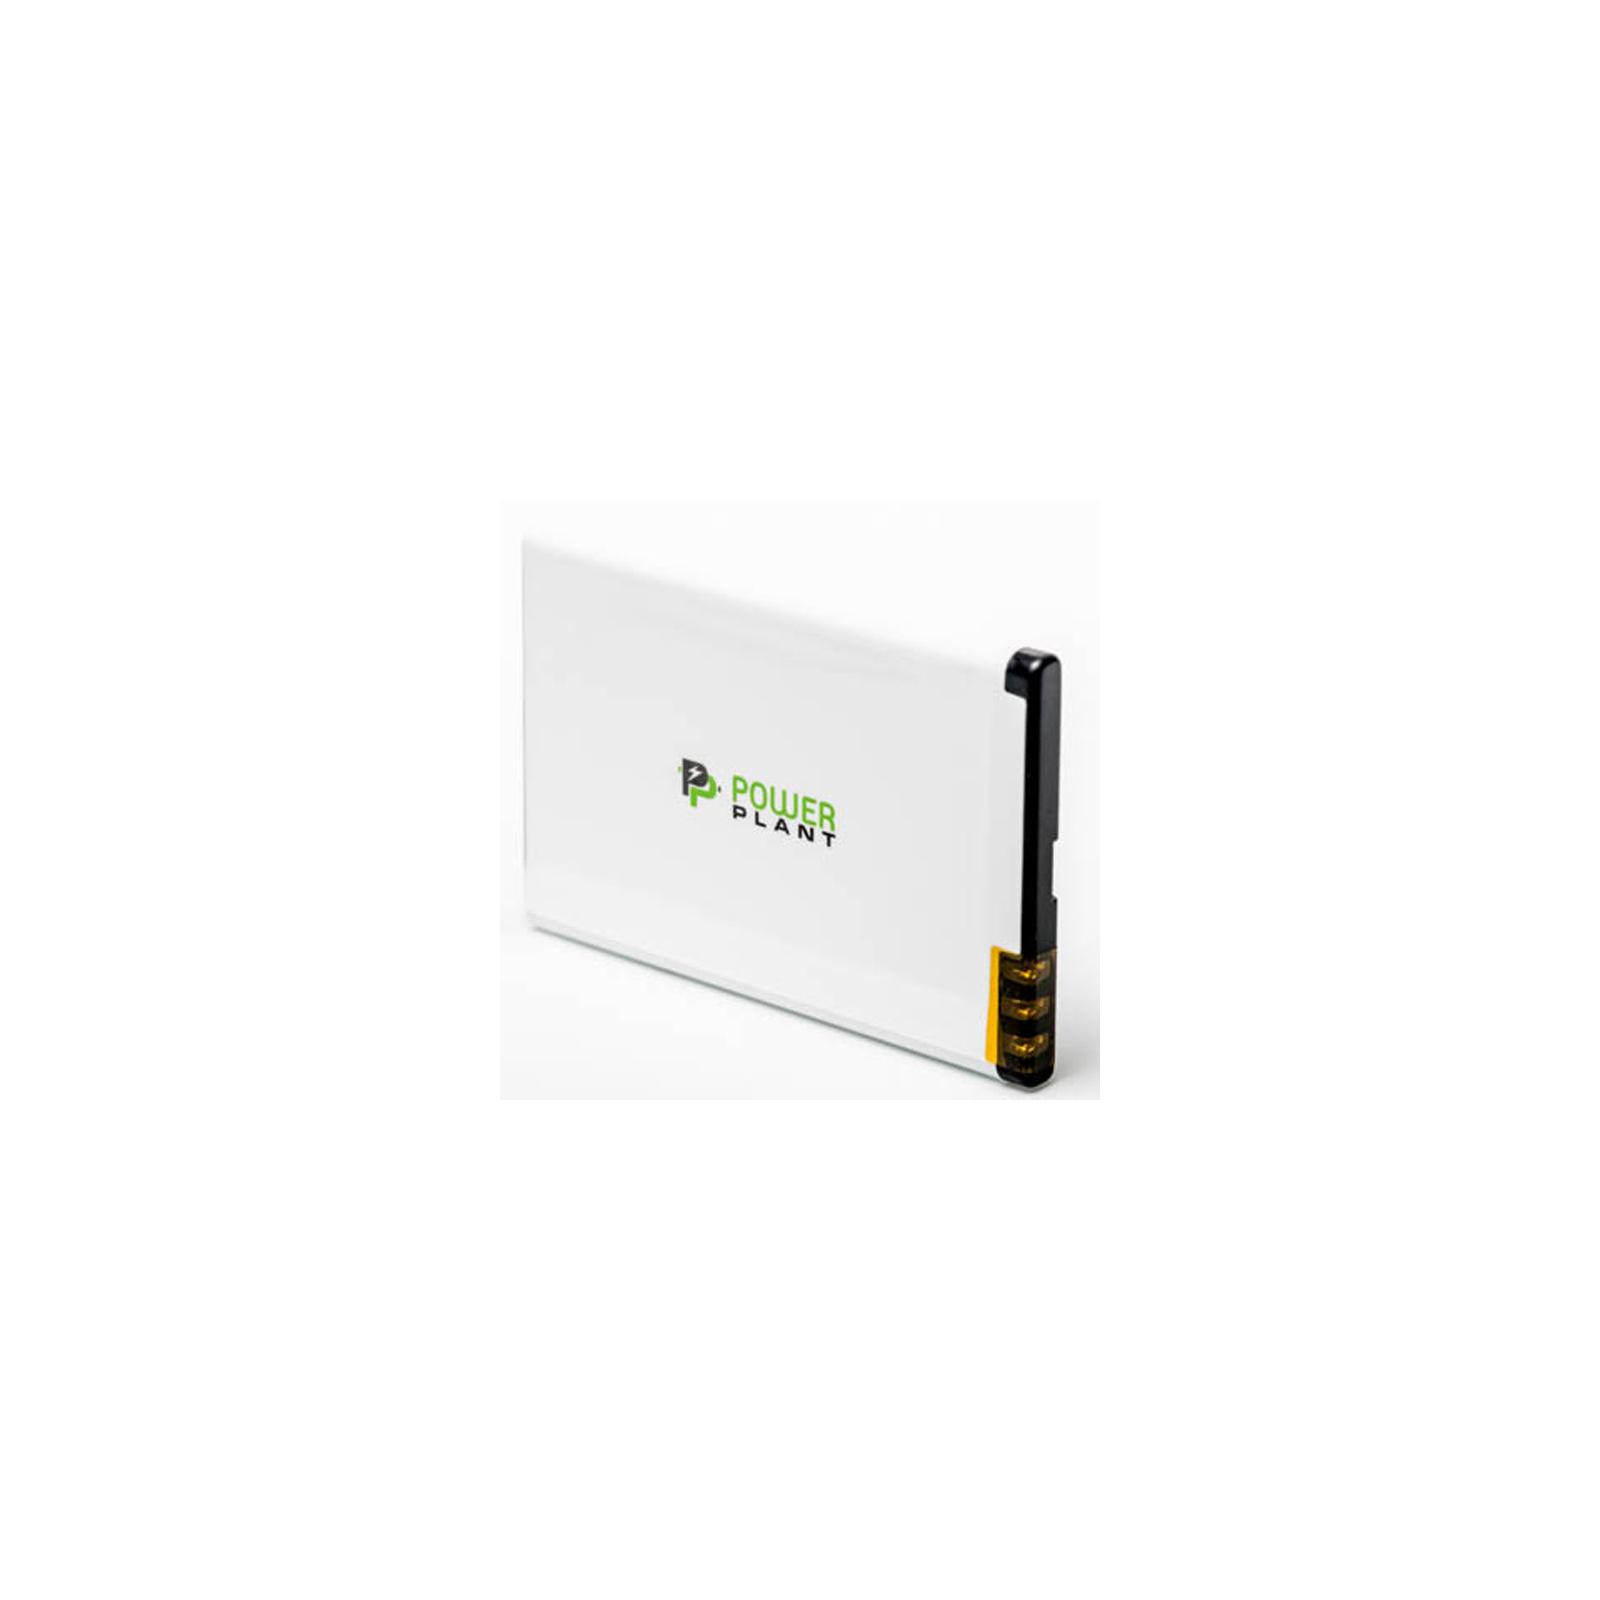 Аккумуляторная батарея PowerPlant Nokia BP-4L, N97 (6760, E52, E55, E71) (DV00DV6025) изображение 2